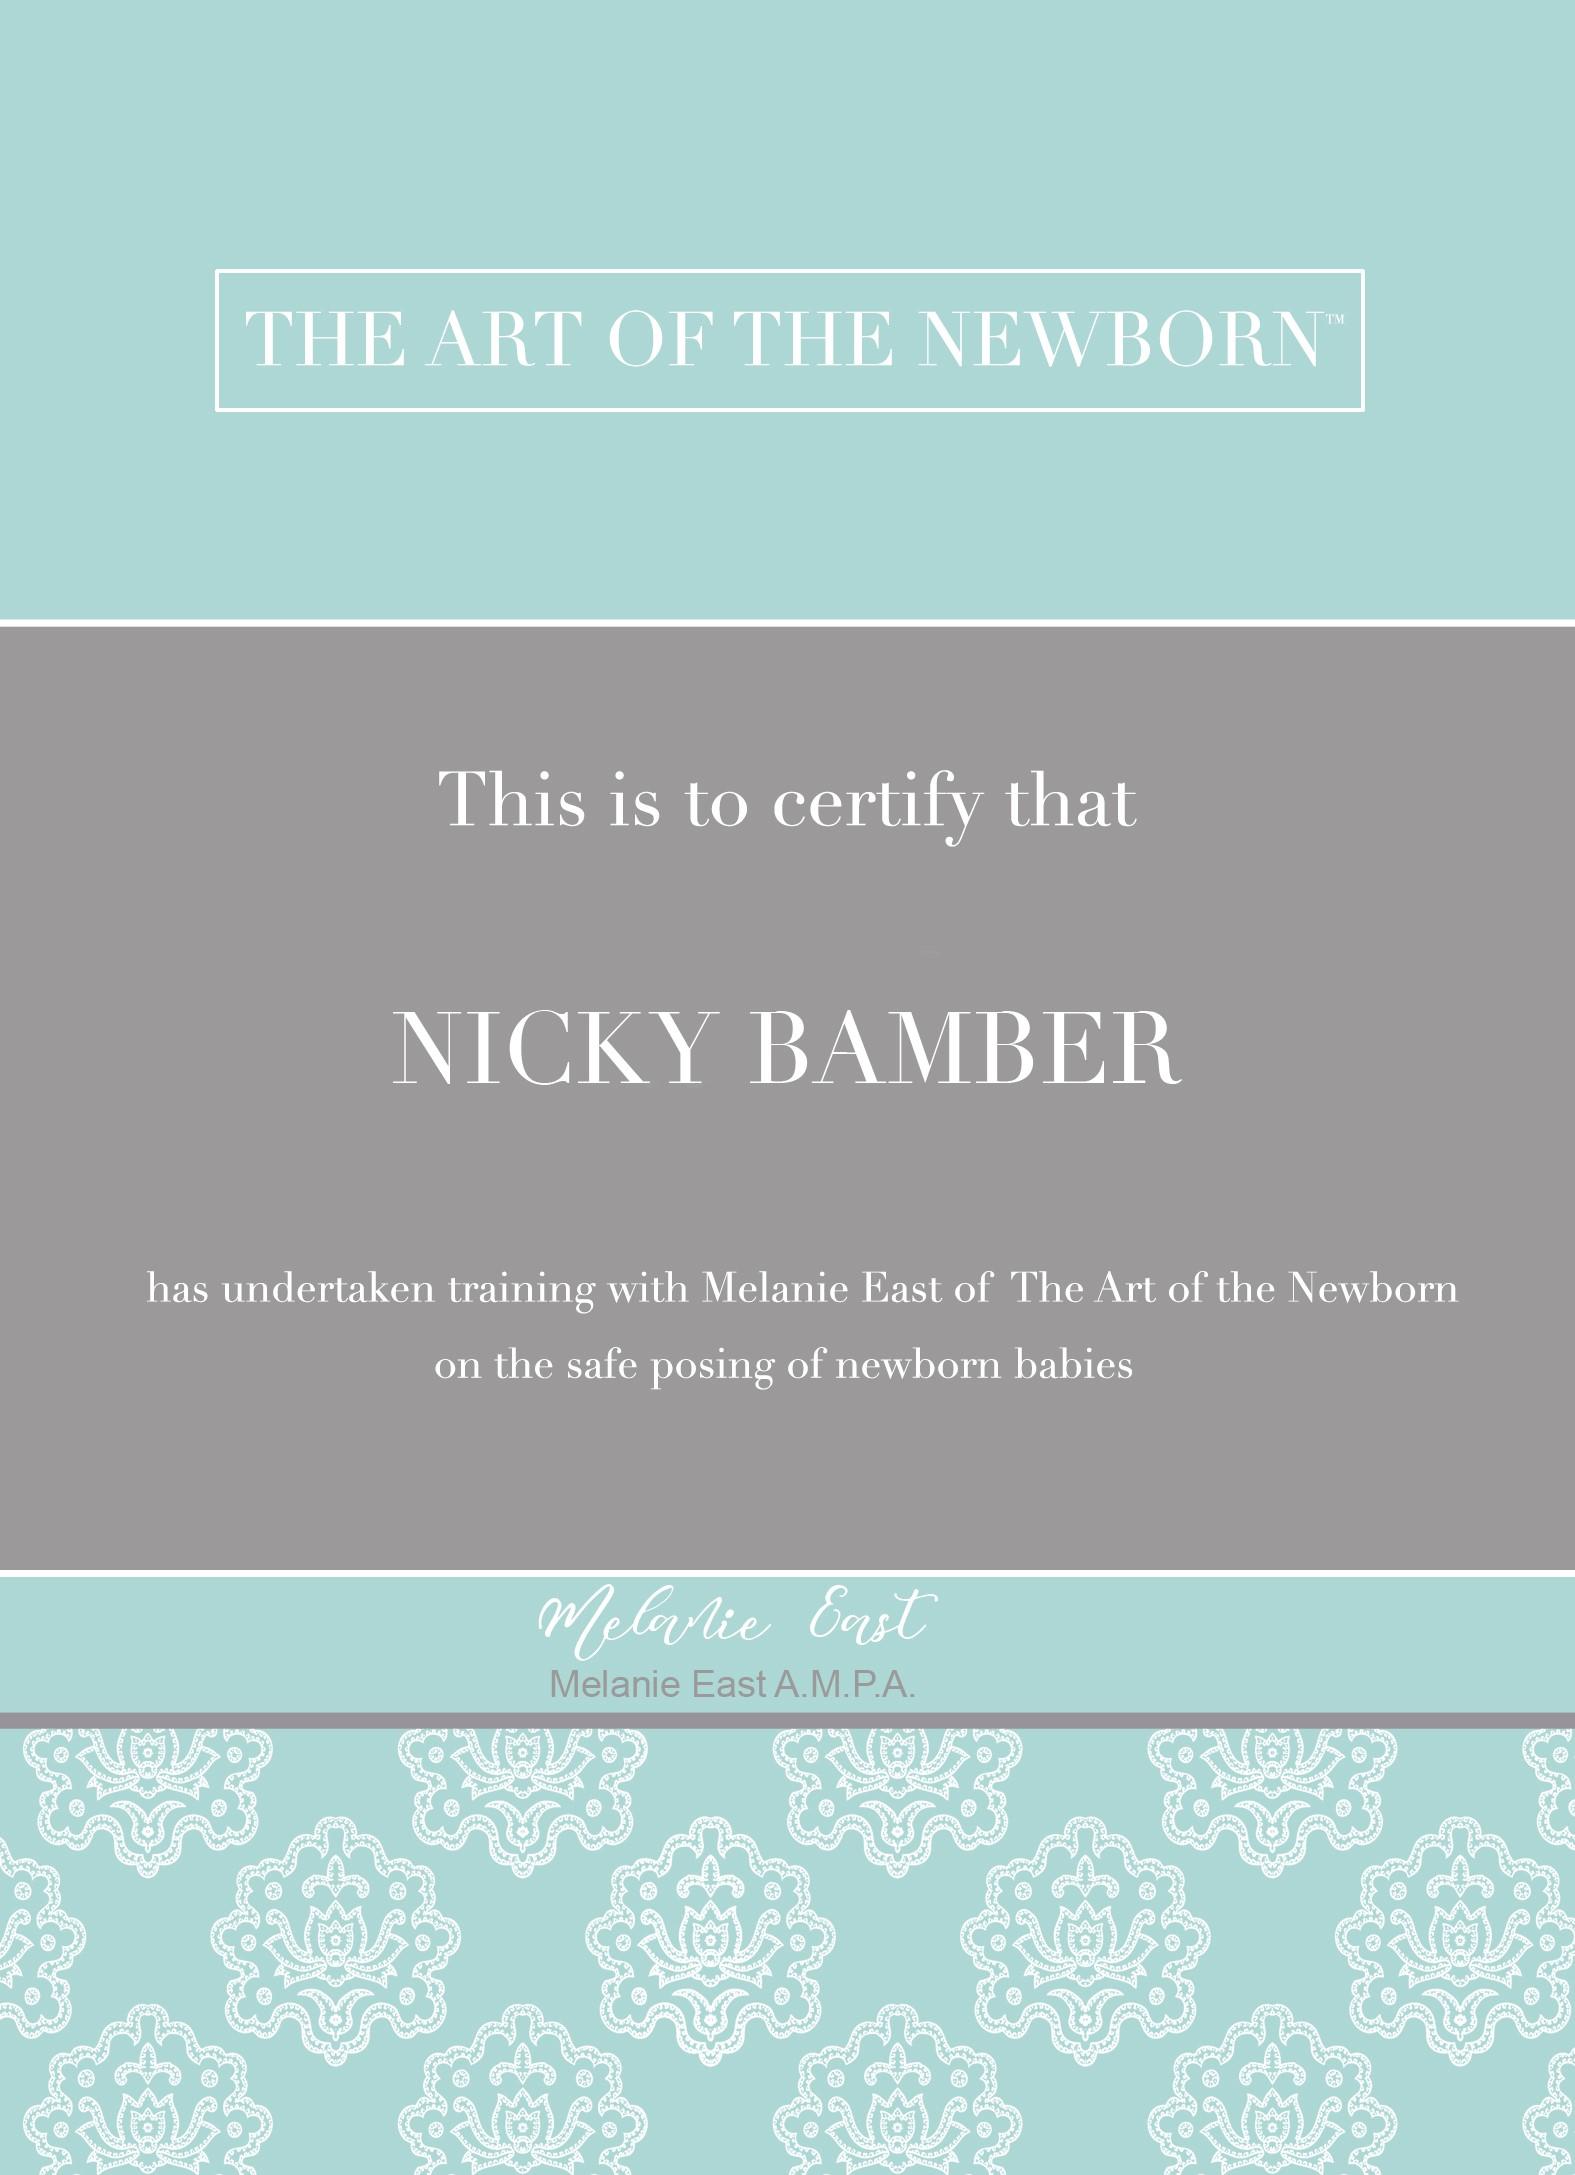 Newborn Certificate